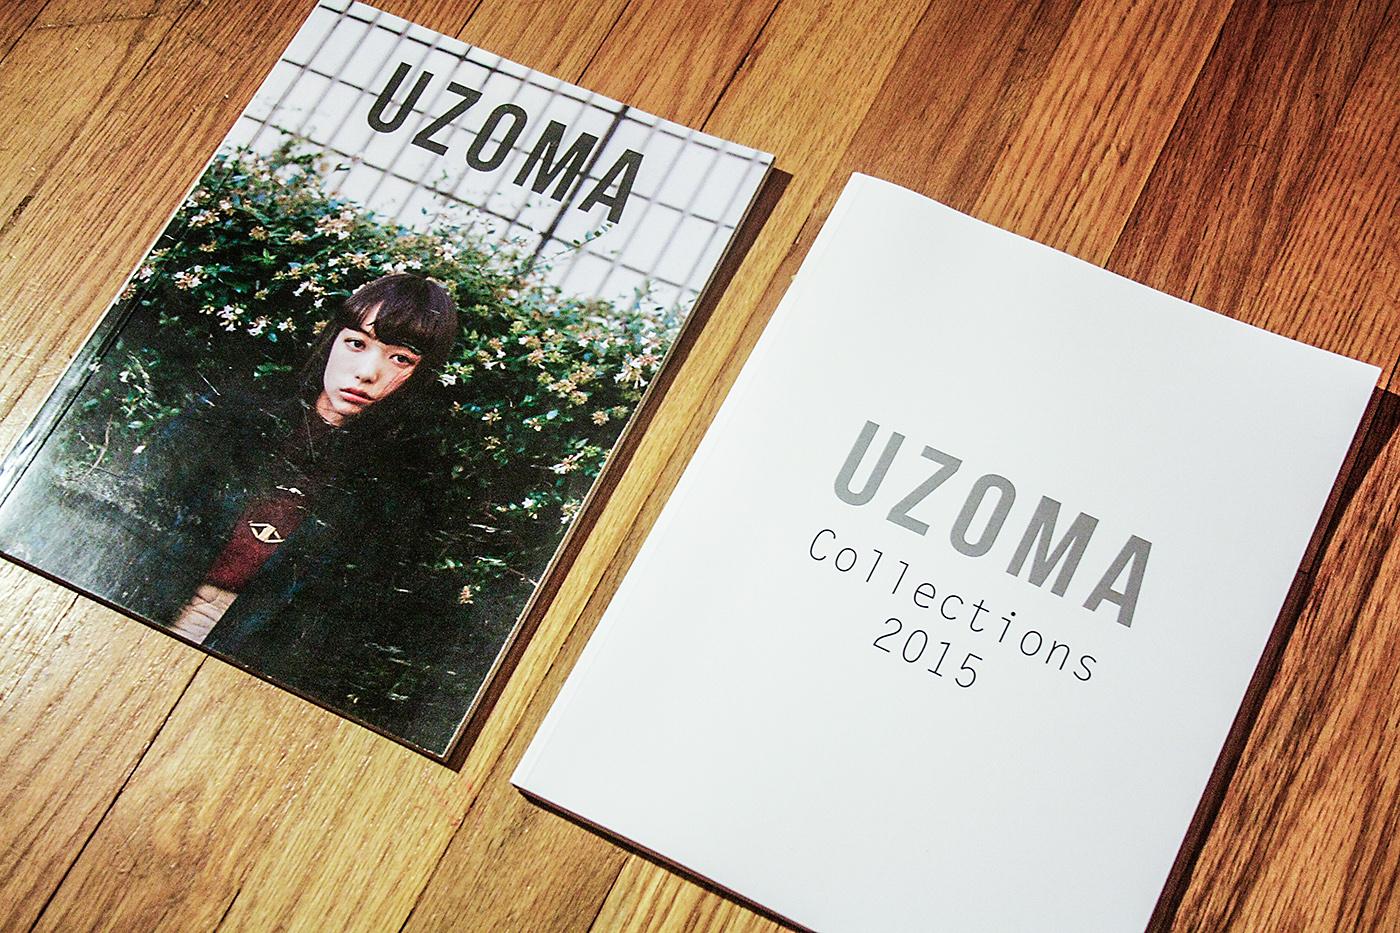 Uzoma Magazine